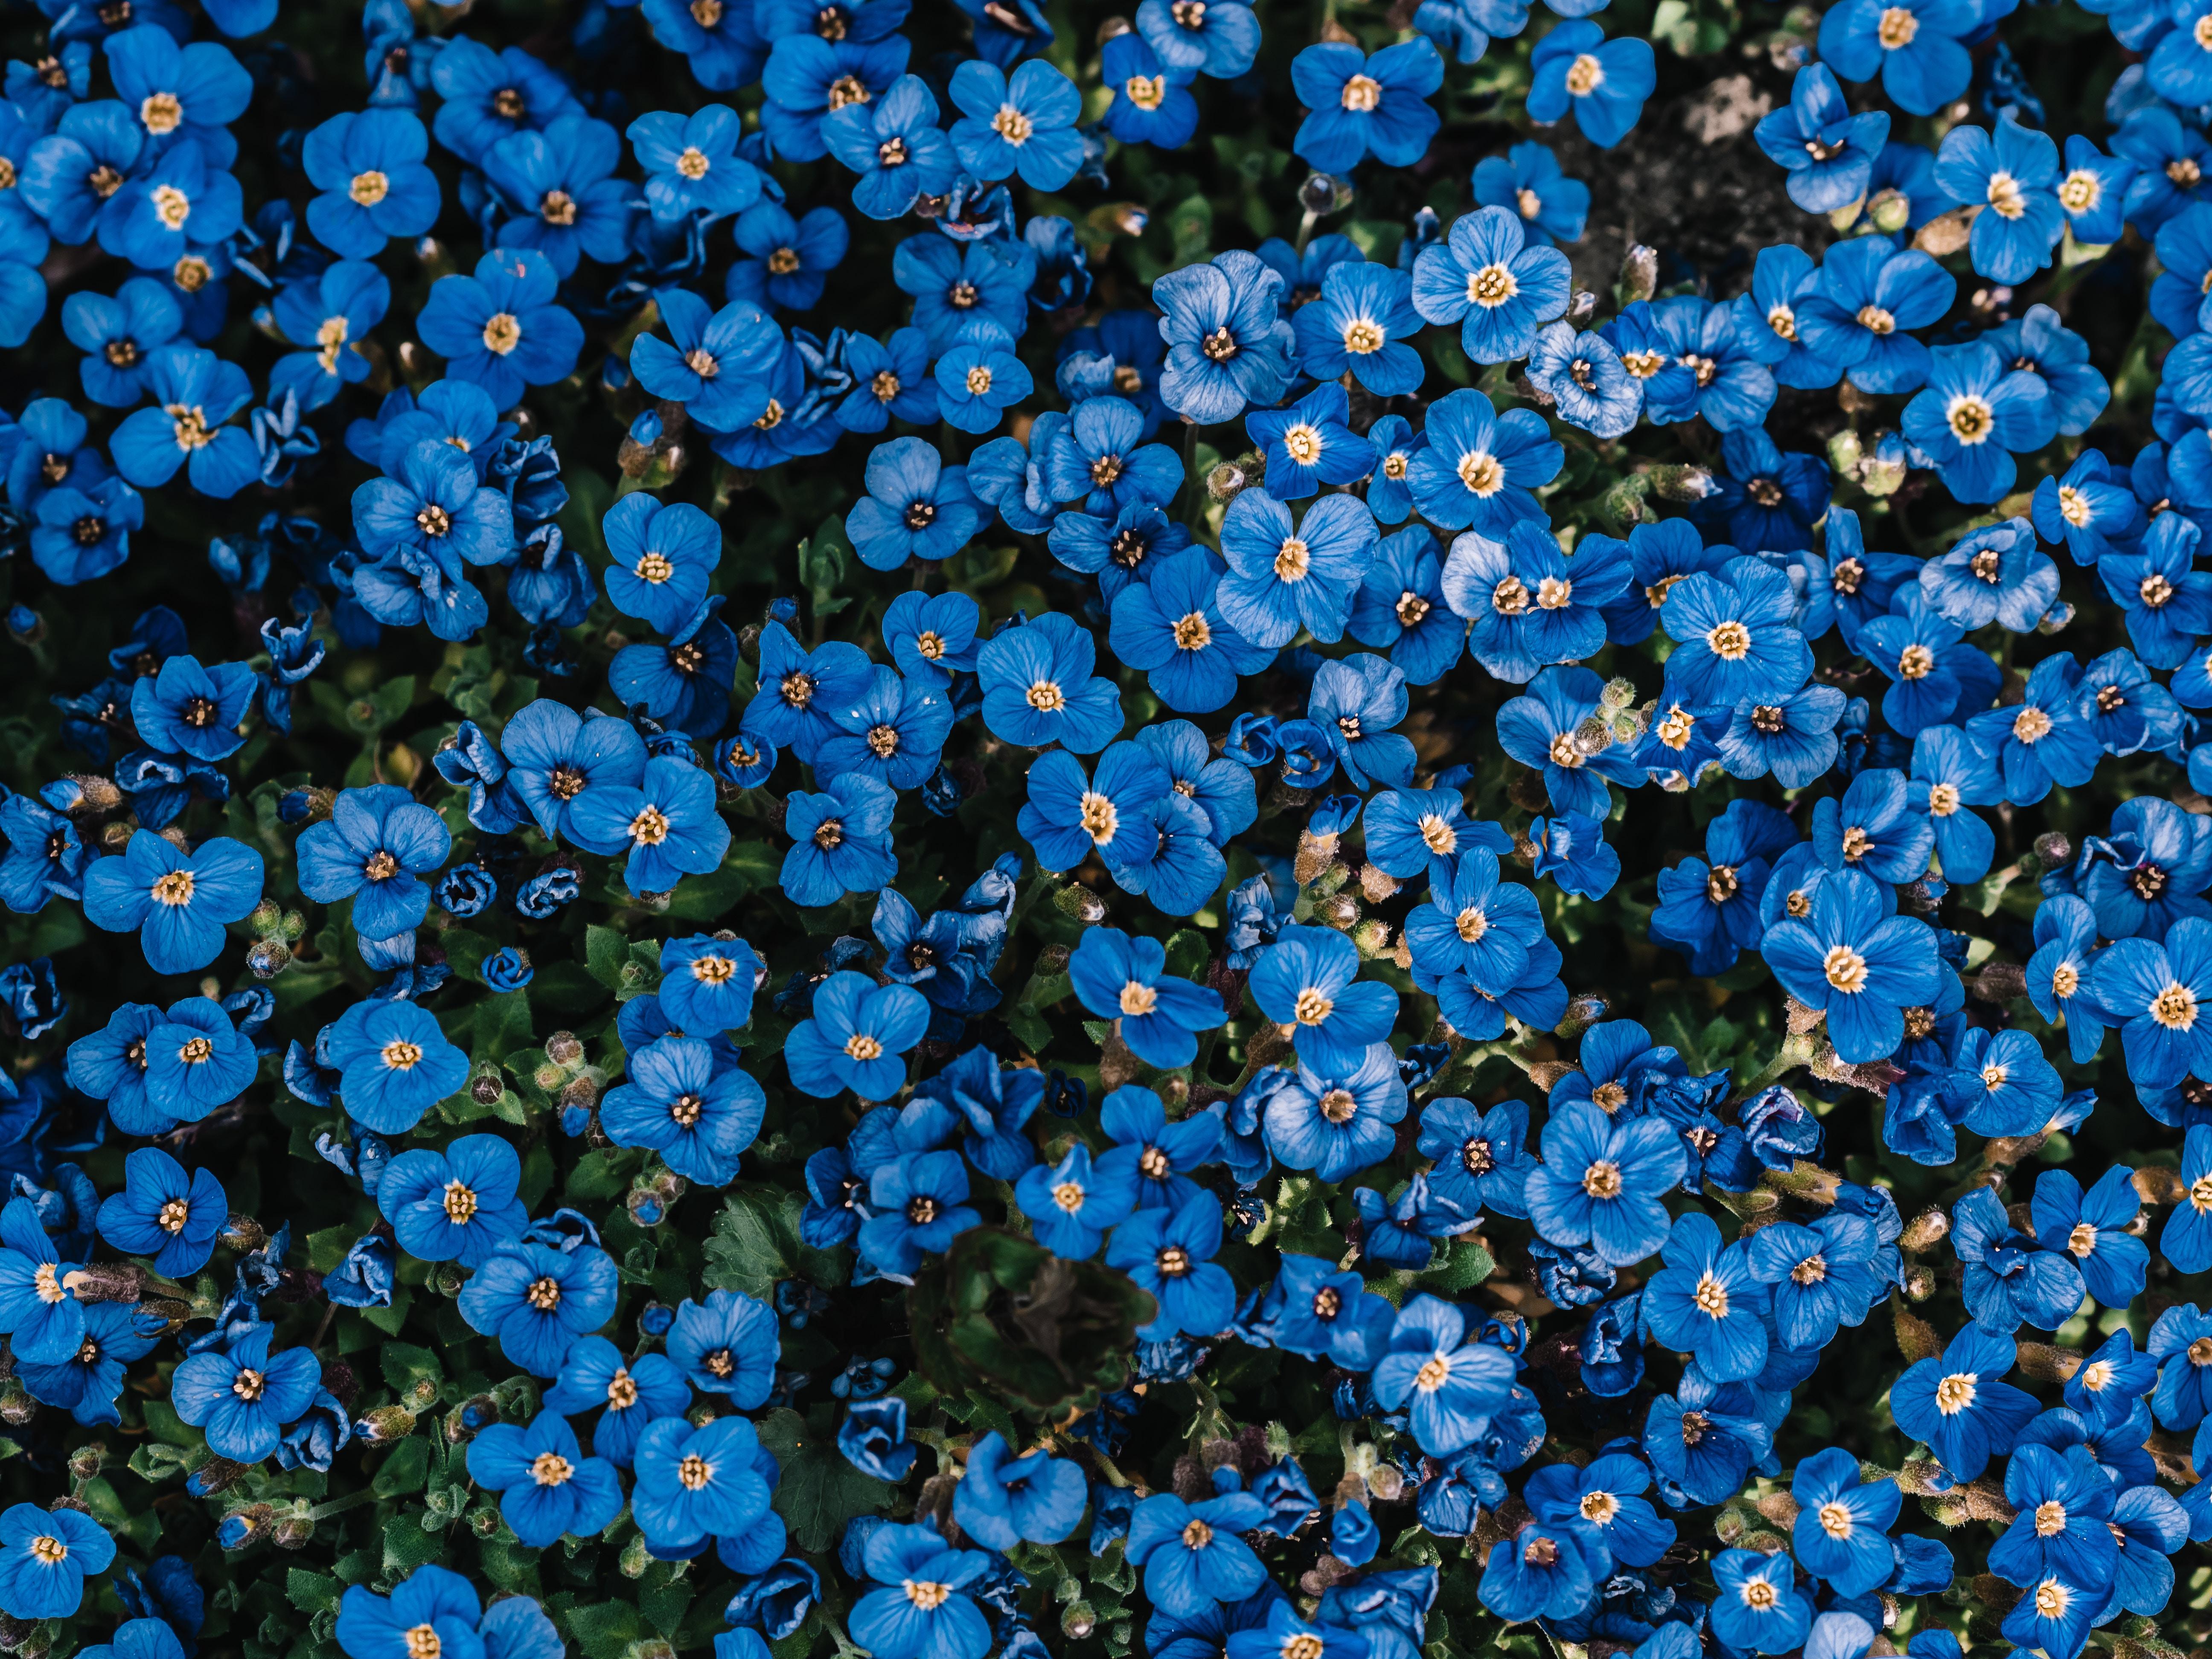 108975 скачать обои Цветы, Синий, Цветение, Растение, Декоративный - заставки и картинки бесплатно